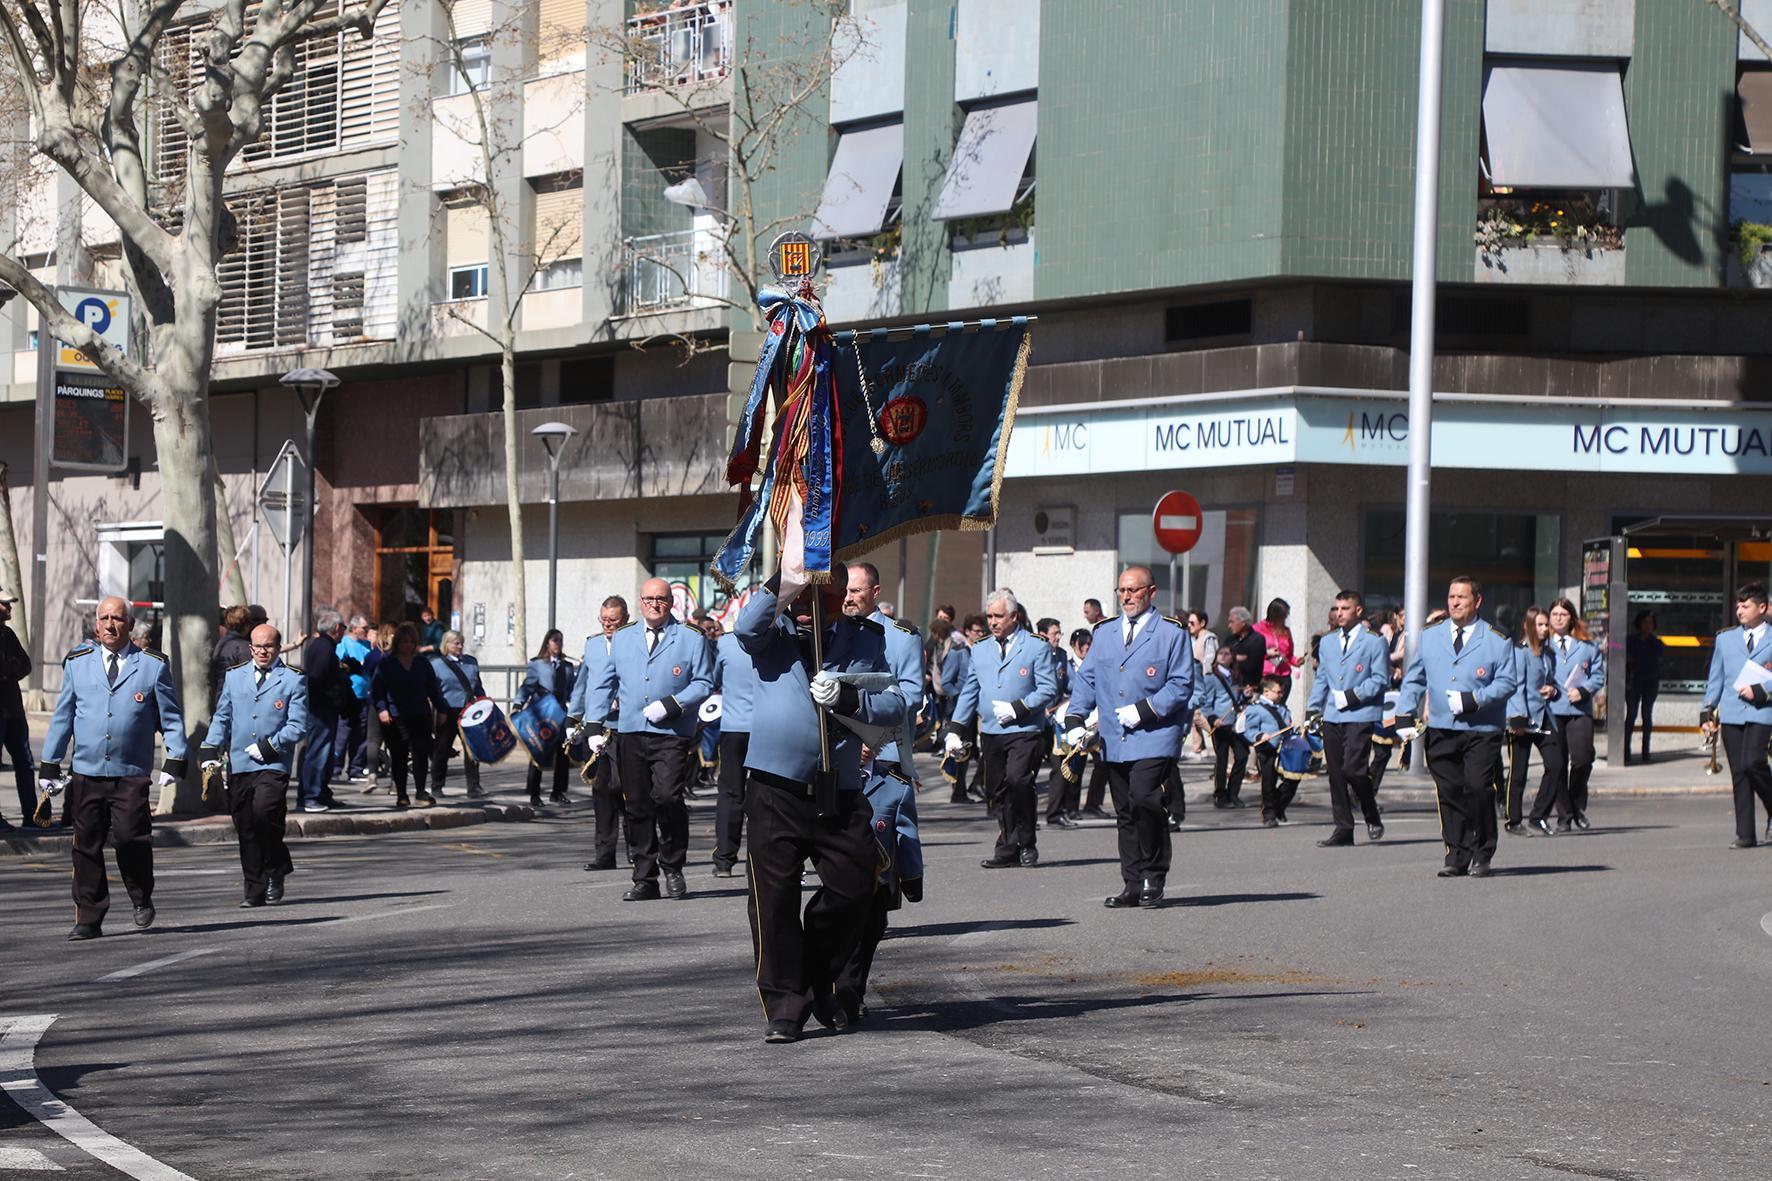 Sant Pere 2021: concert amb la Banda de Cornetes i Tambors Verge de Misericòrdia i la Banda de Cornetes i Tambors La Verònica